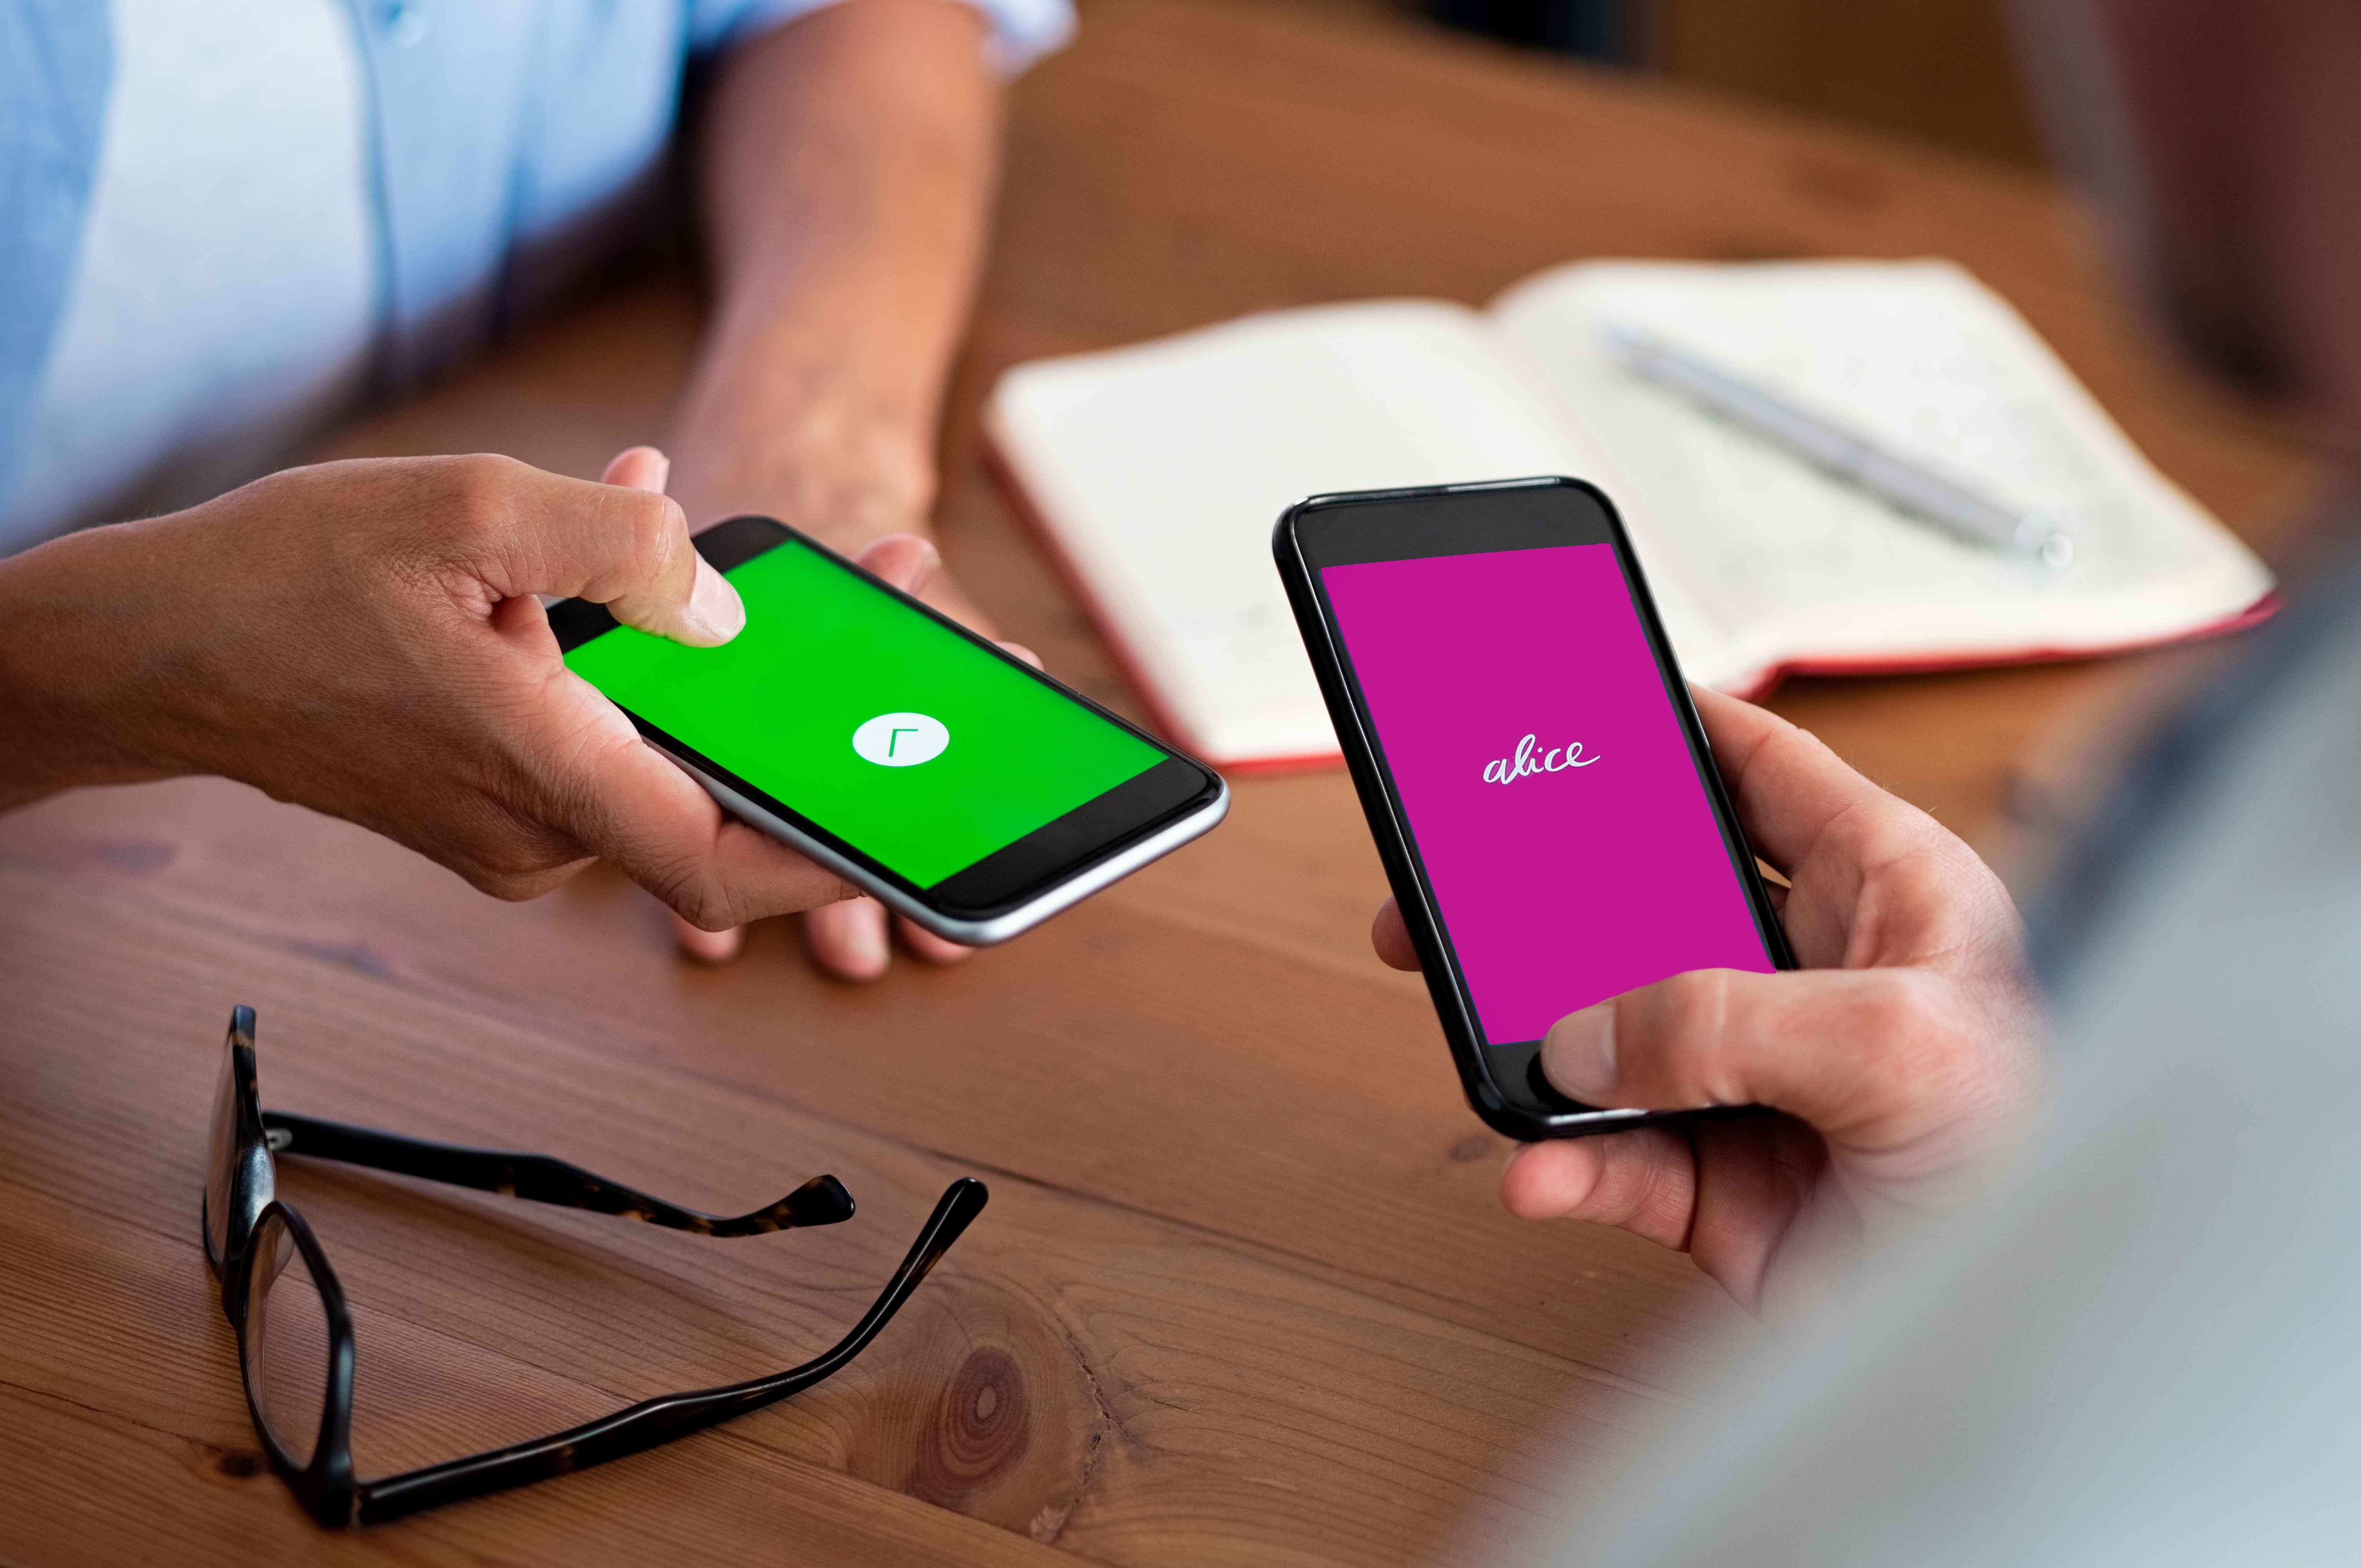 foto de duas pessoas com um celular na mão